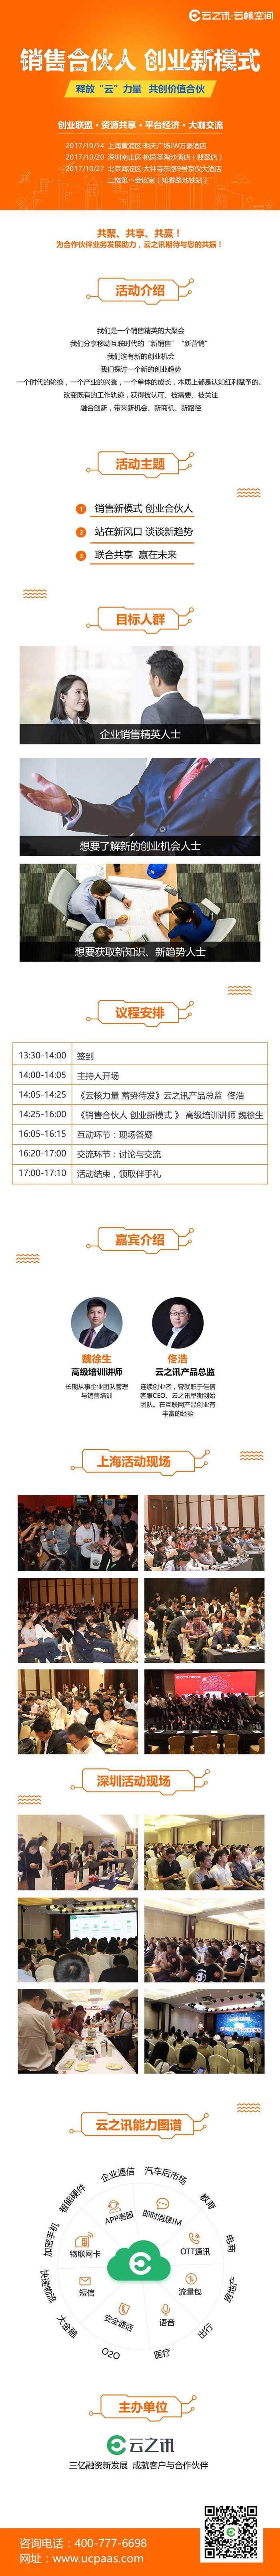 云核空间-活动行页面--北京站-2017.10.jpg